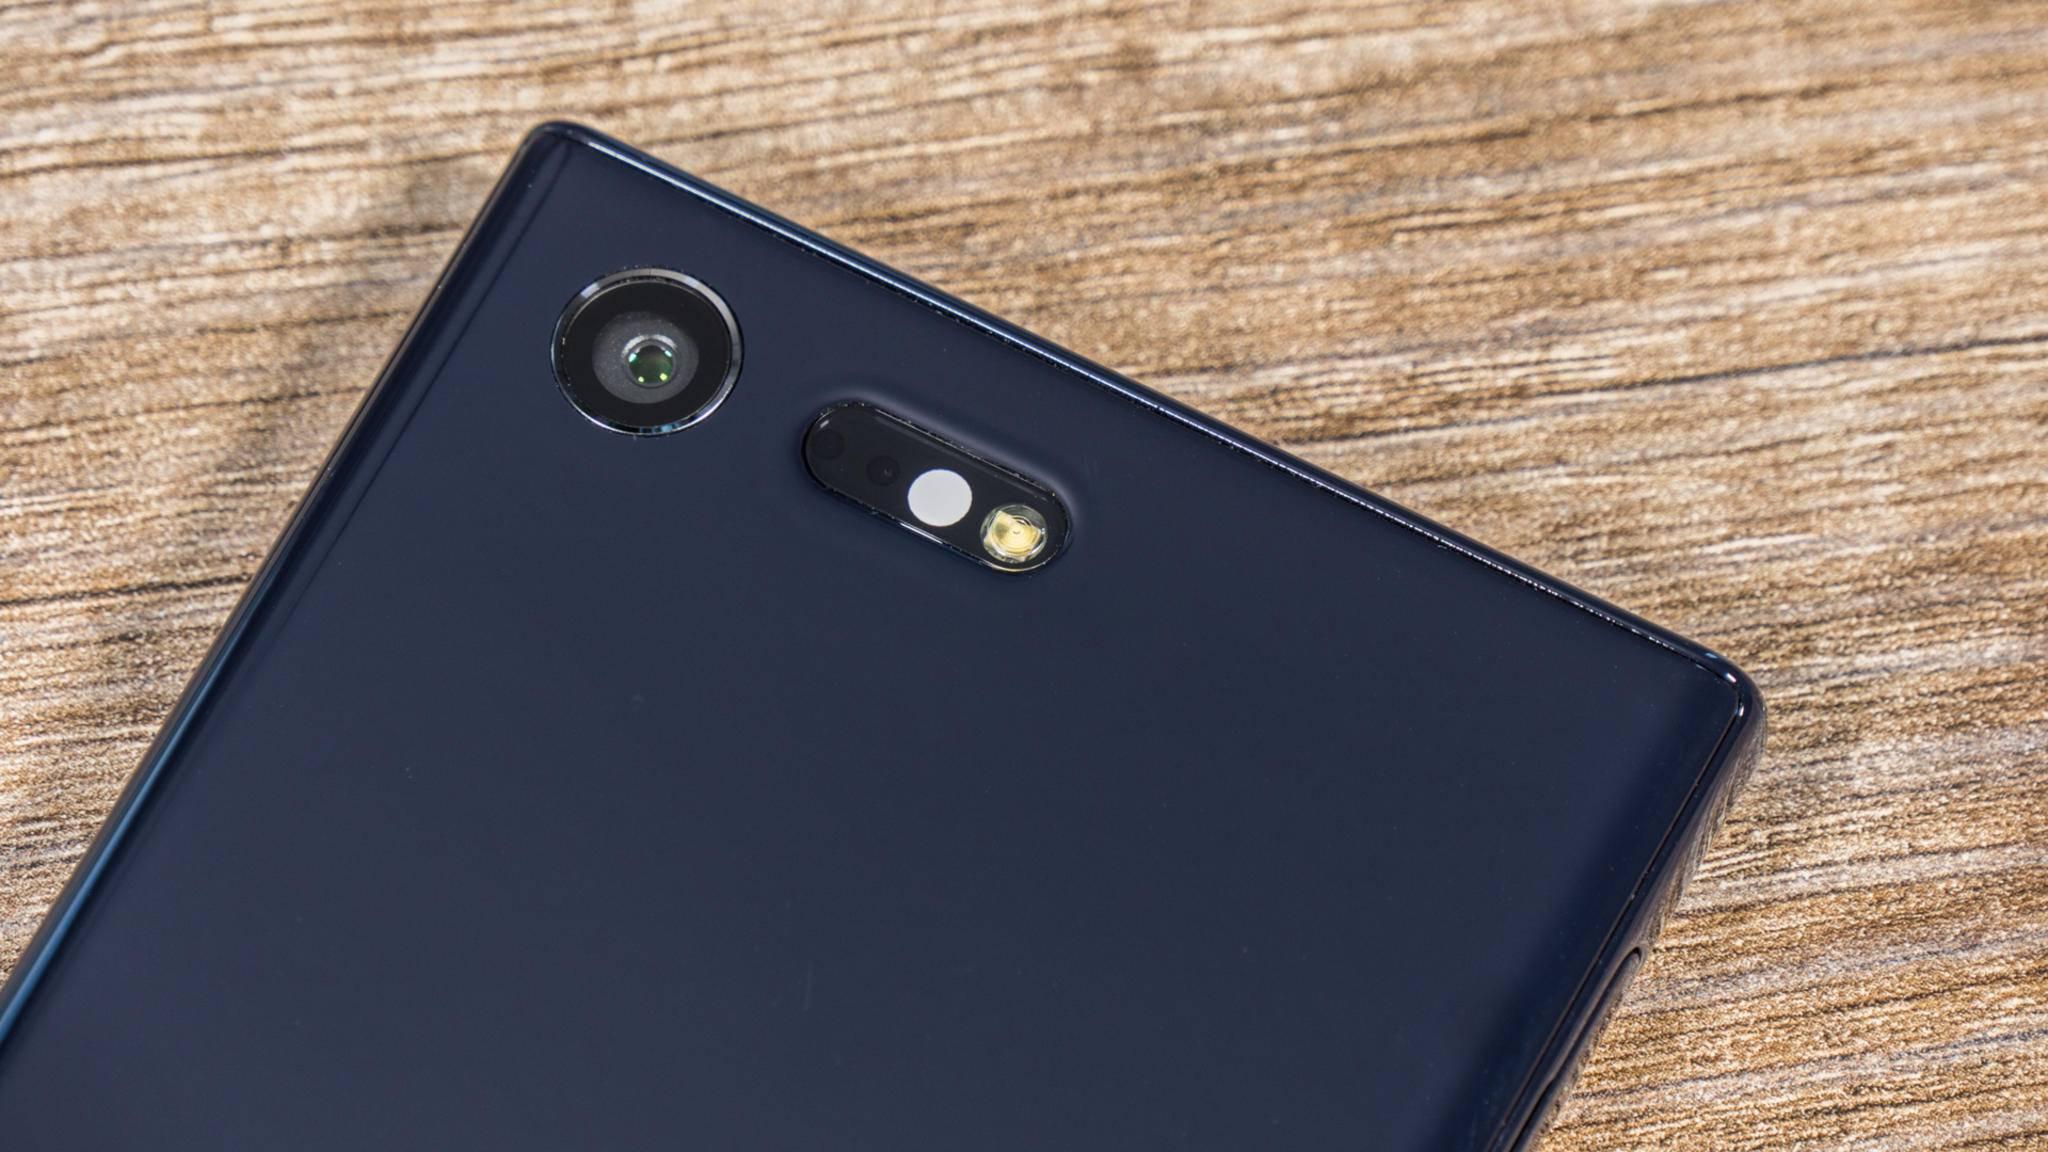 Für die neuen Xperia-Smartphones plant Sony auch mit neuen Kamera-Features.